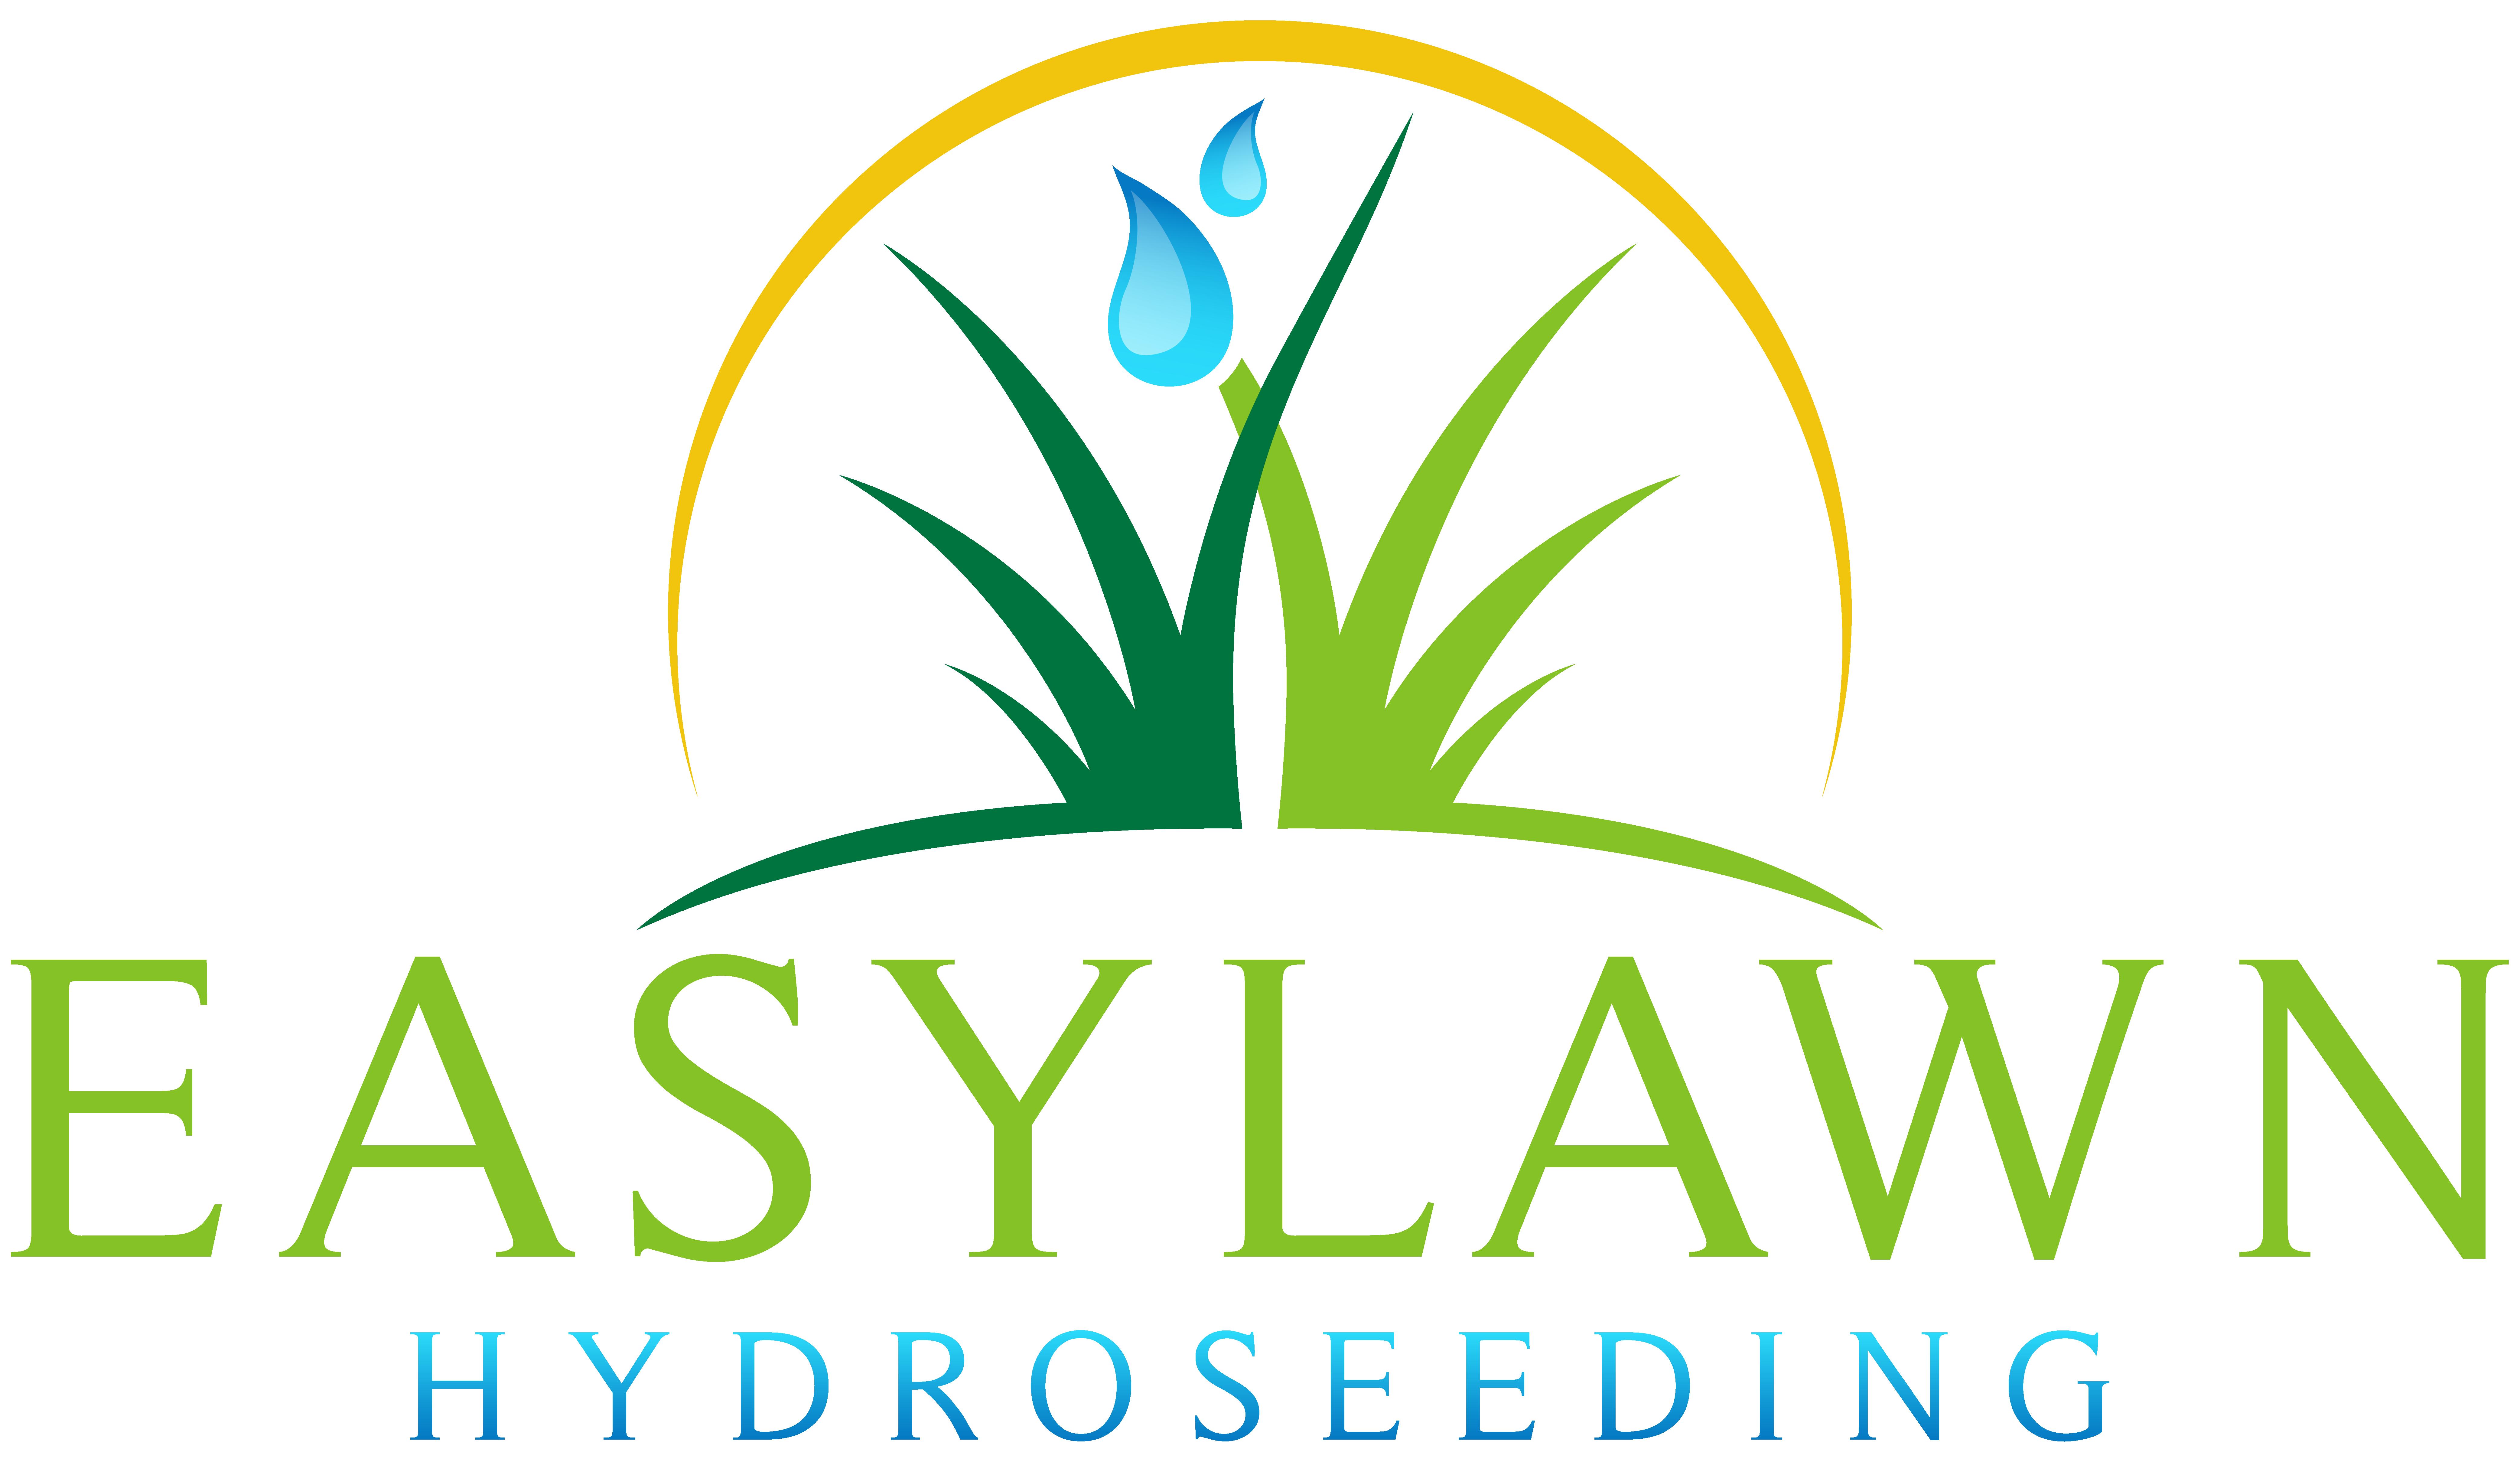 Easy Lawn Hydroseeding